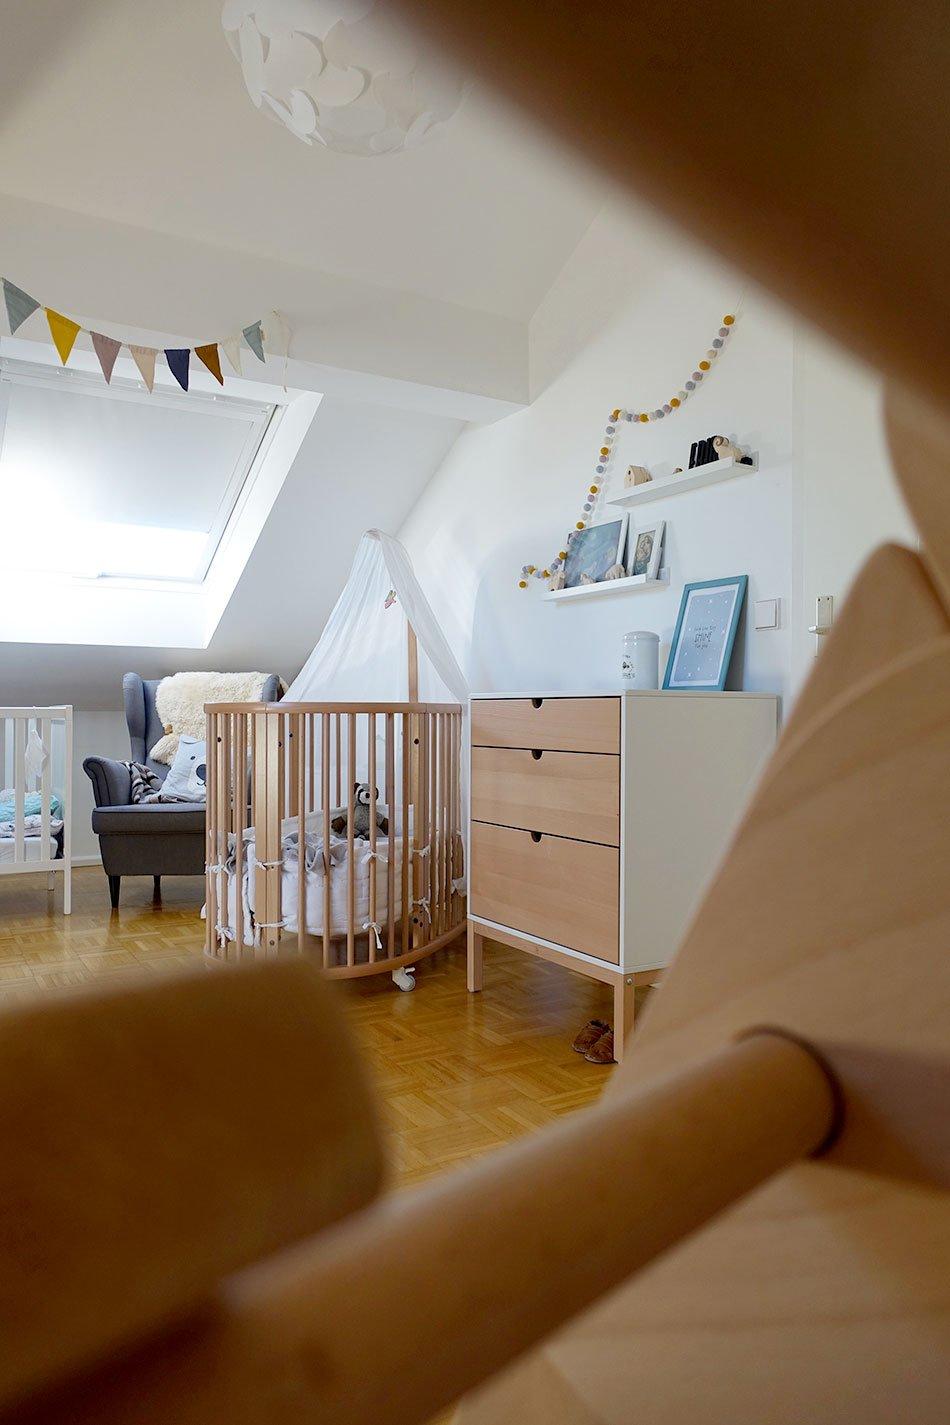 Full Size of Kinderzimmer Unterm Dach Tipps Fr Einrichtung Ekulele Regal Regale Sofa Weiß Kinderzimmer Kinderzimmer Einrichtung